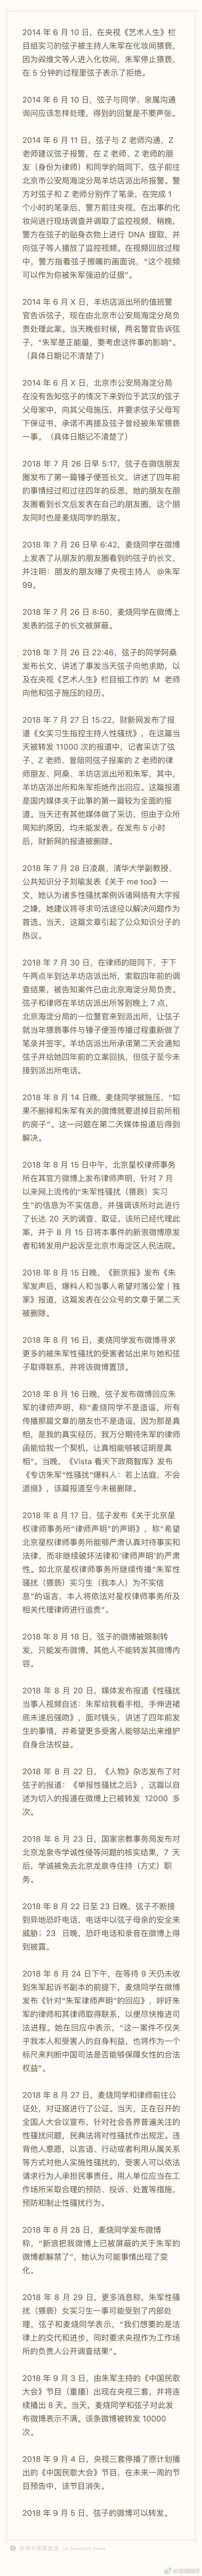 博主整理出朱军猥亵女生事件的时间线:律师已看过